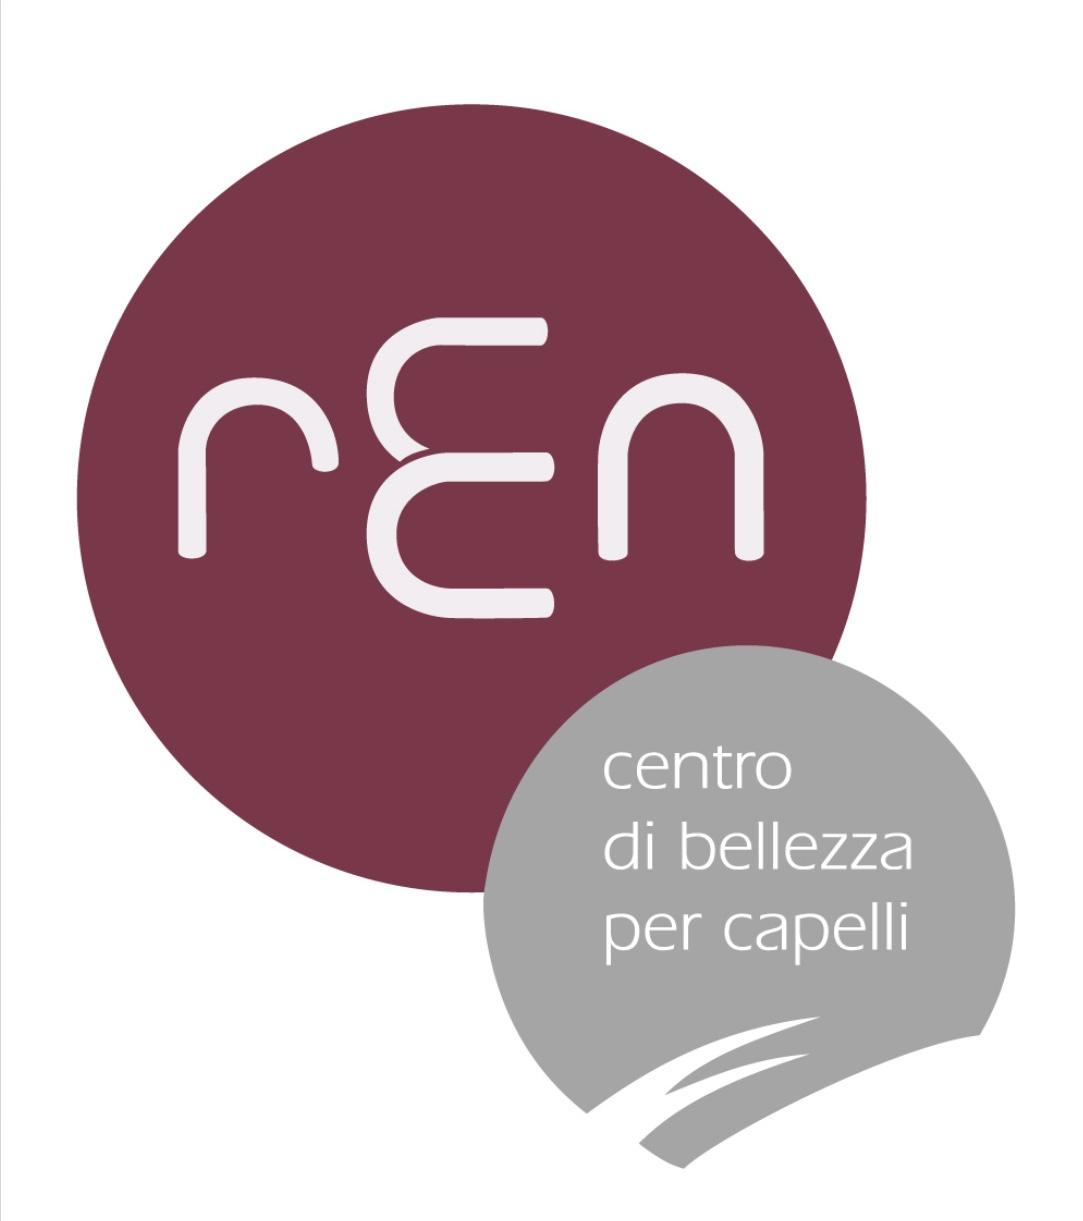 Ren - Centro di bellezza per capelli